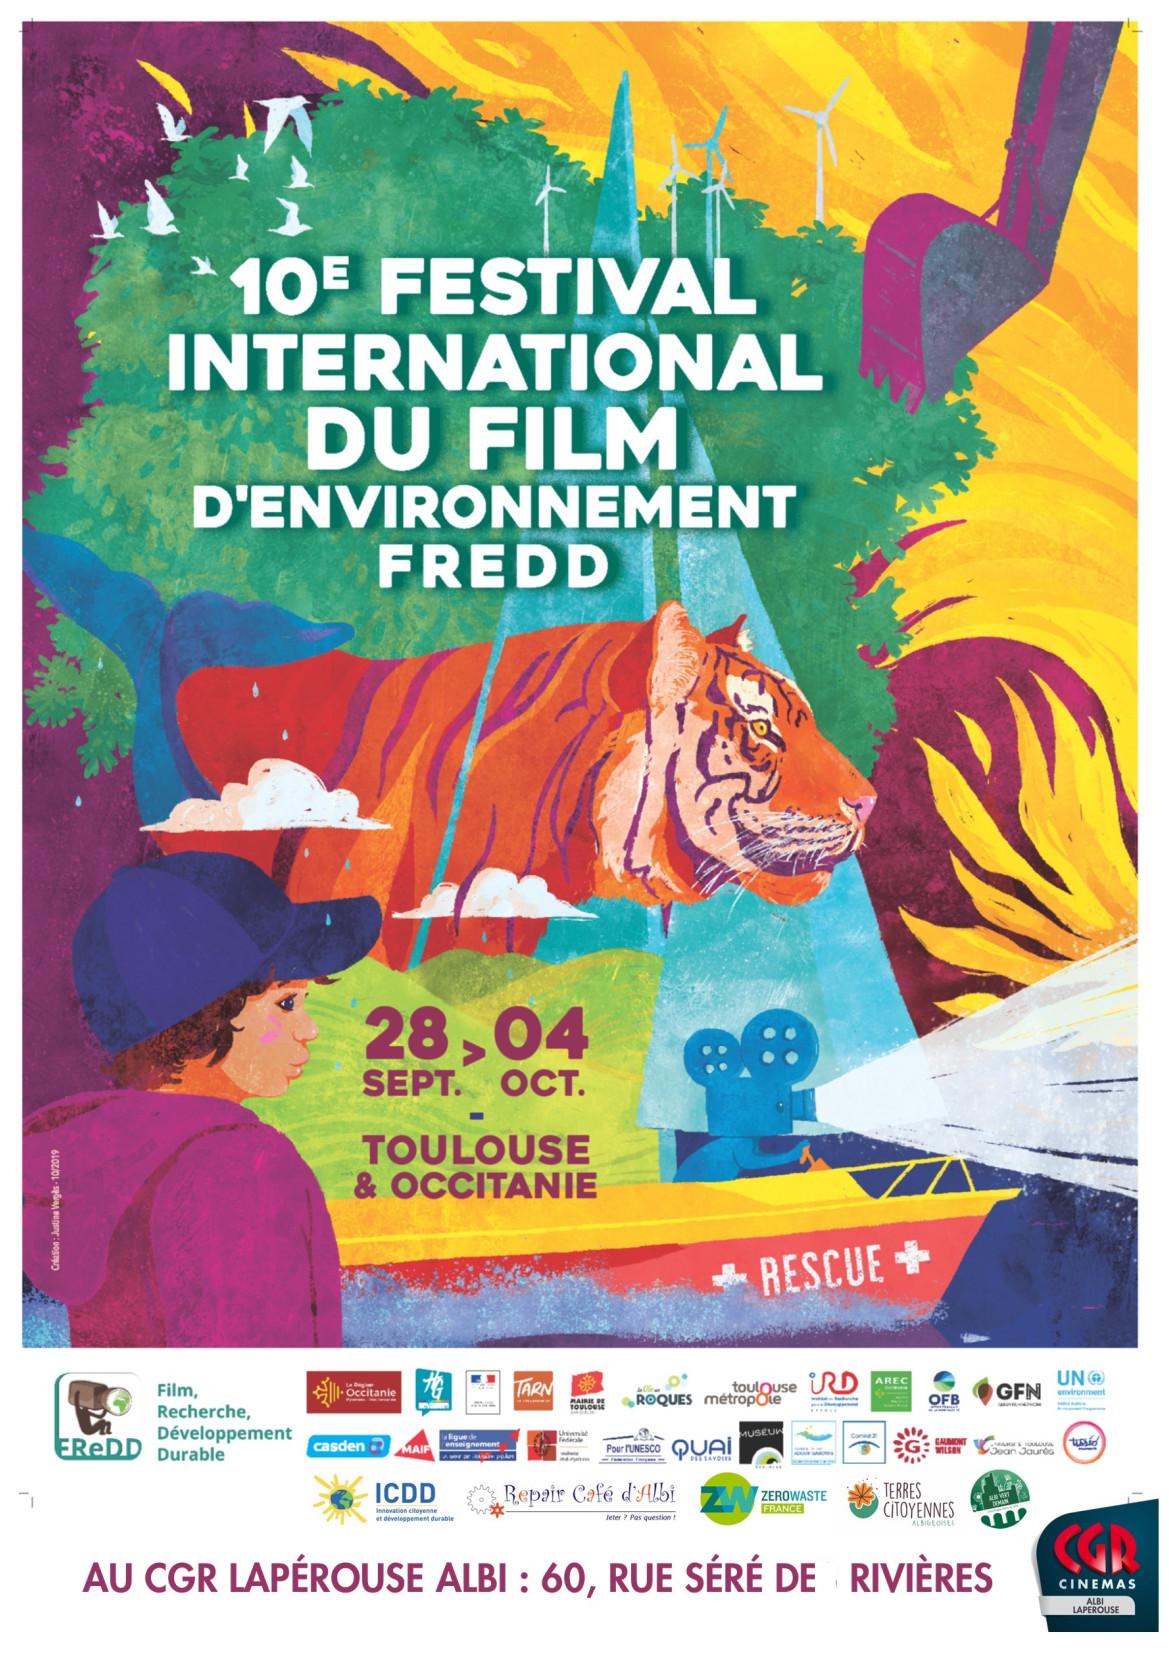 Ce mardi 29/09 et ce vendredi 02/10, retrouvez-nous au cinéma CGR Lapérouse, dans le cadre du FREDD!